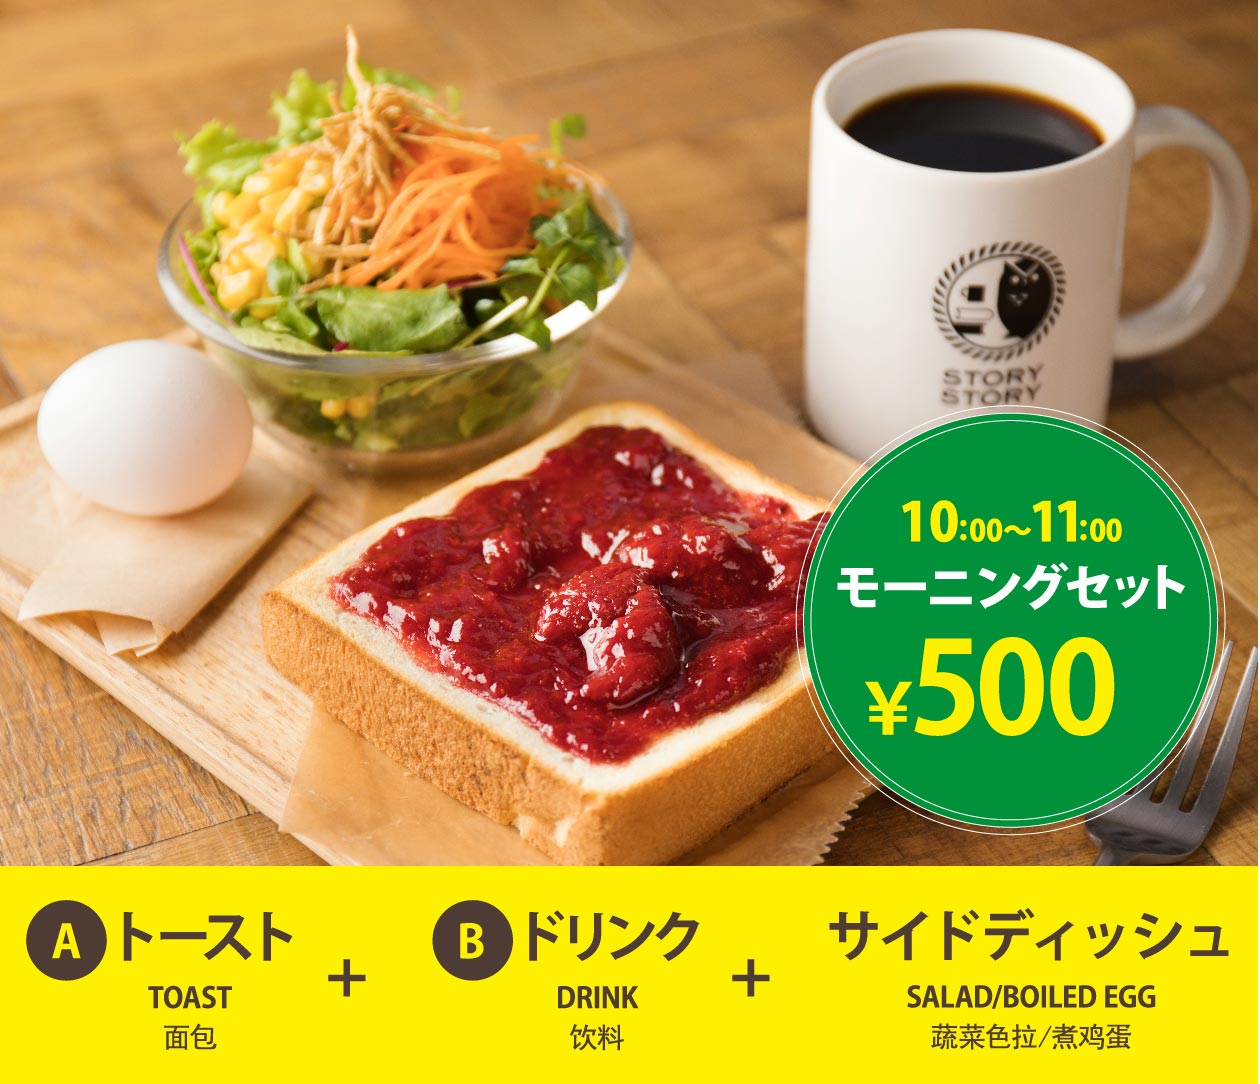 朝10~11時限定・お得な500円のモーニングセット、トースト/ドリンク/サイドメニューを選べます!